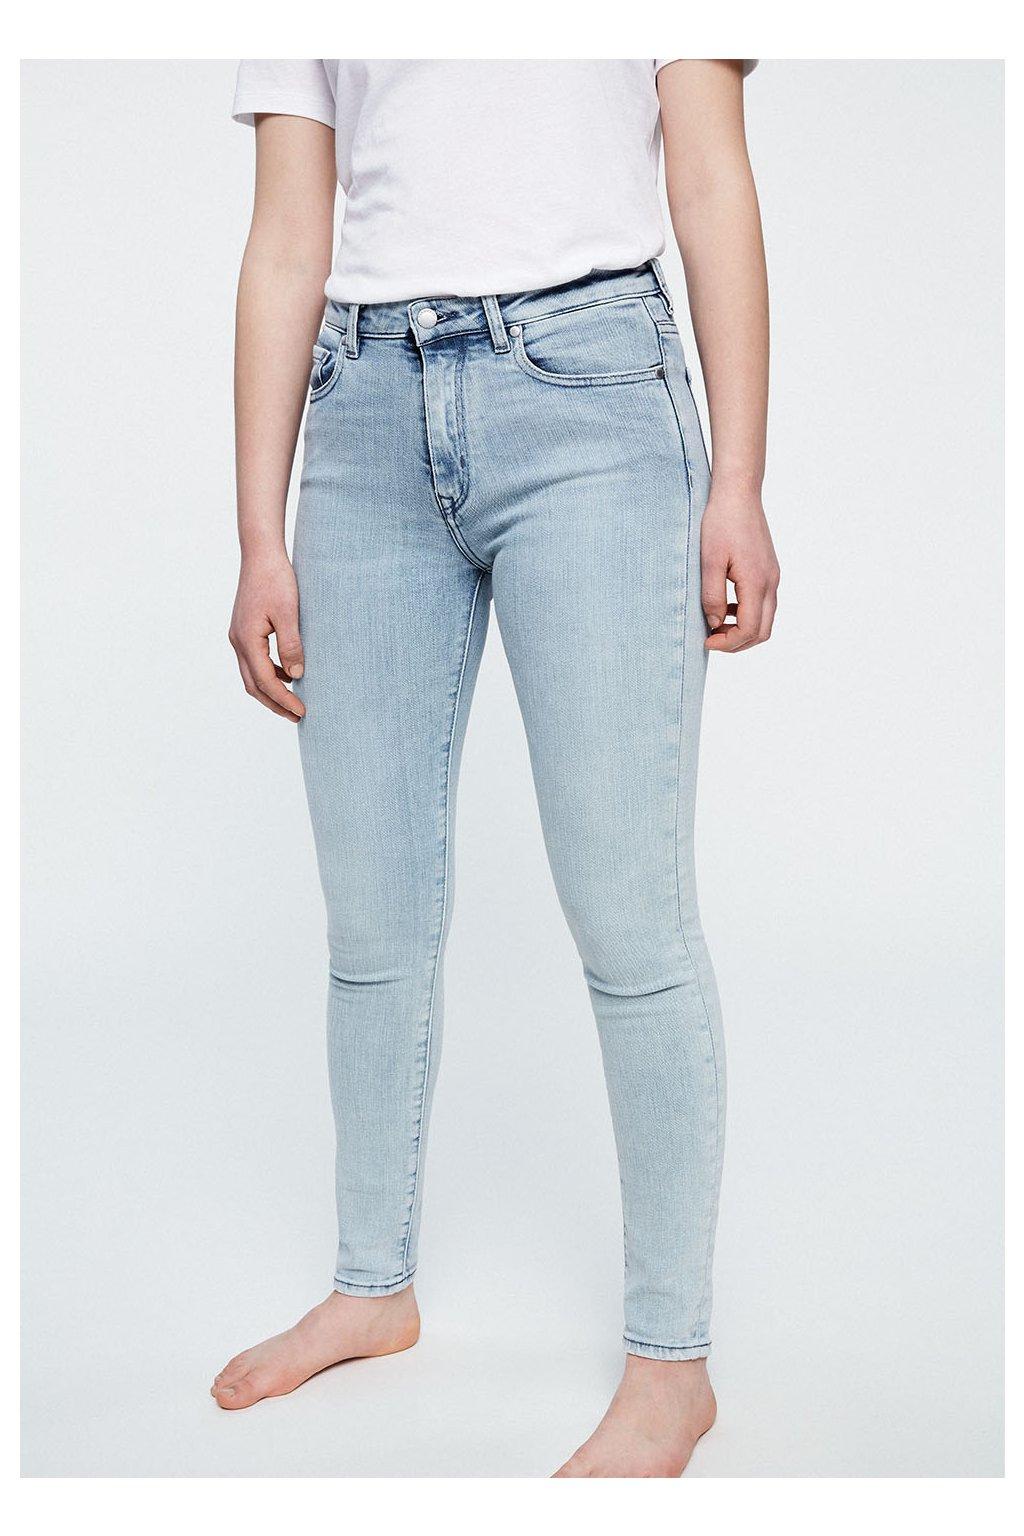 """Dámské světlé slim fit džíny """"TILLAA FADED BLUE"""" (Velikost 25/32)"""